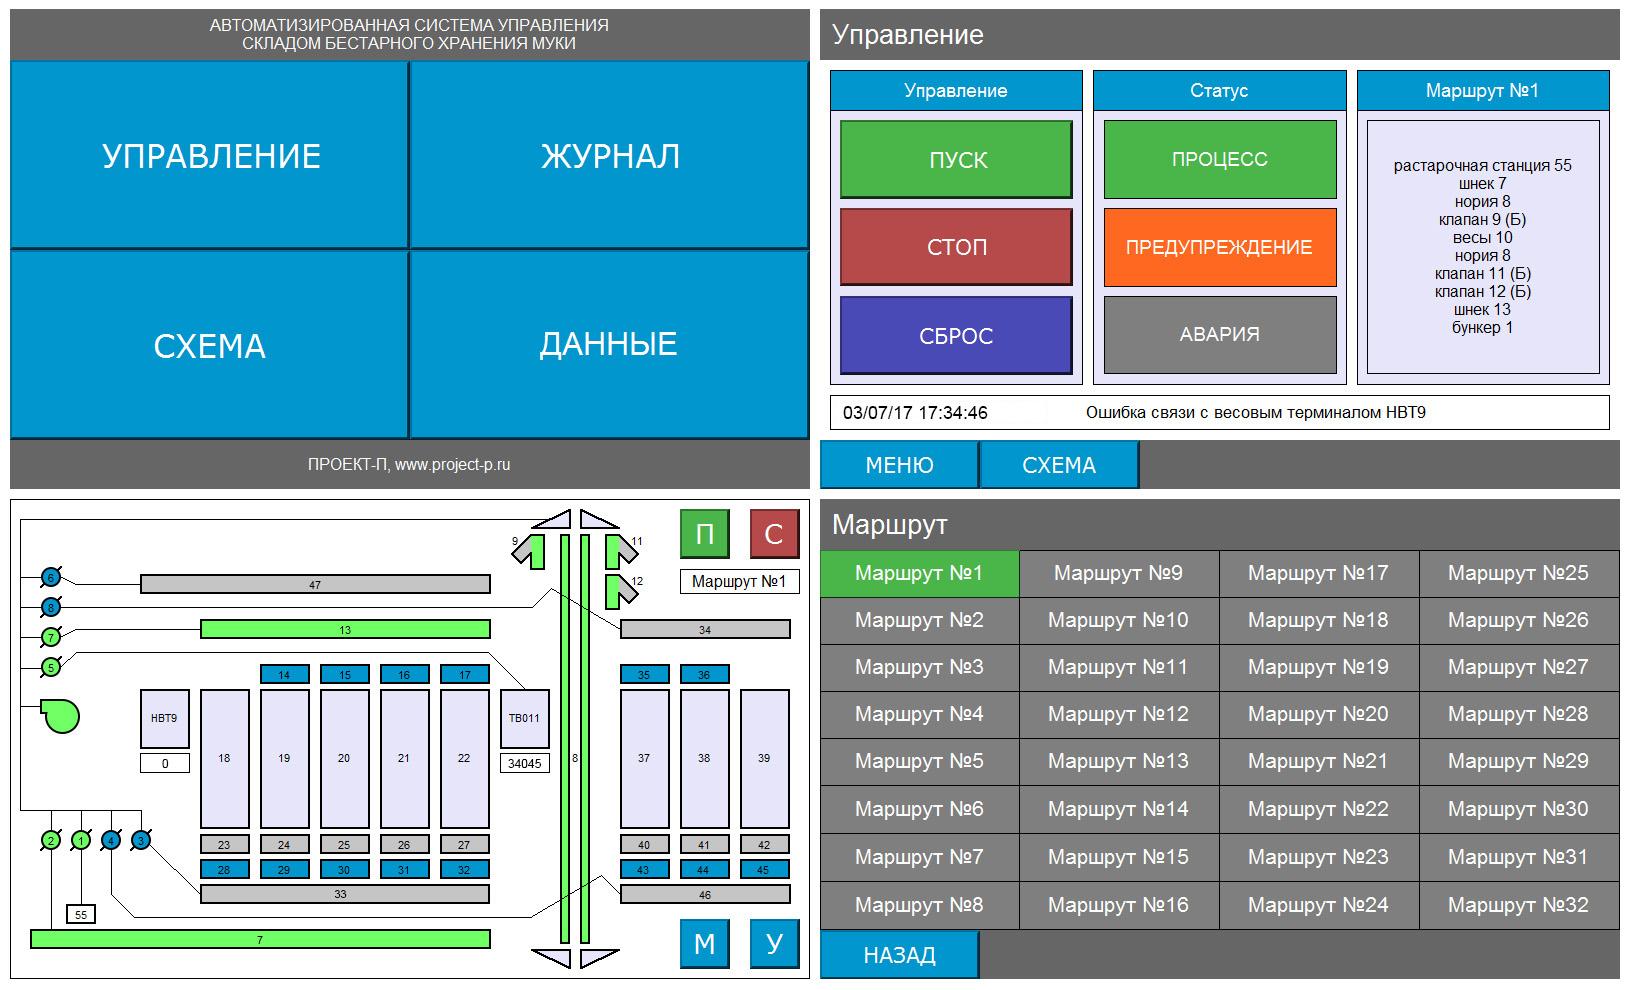 Автоматизированная система управления складом бестарного хранения муки - экраны панели оператора 1